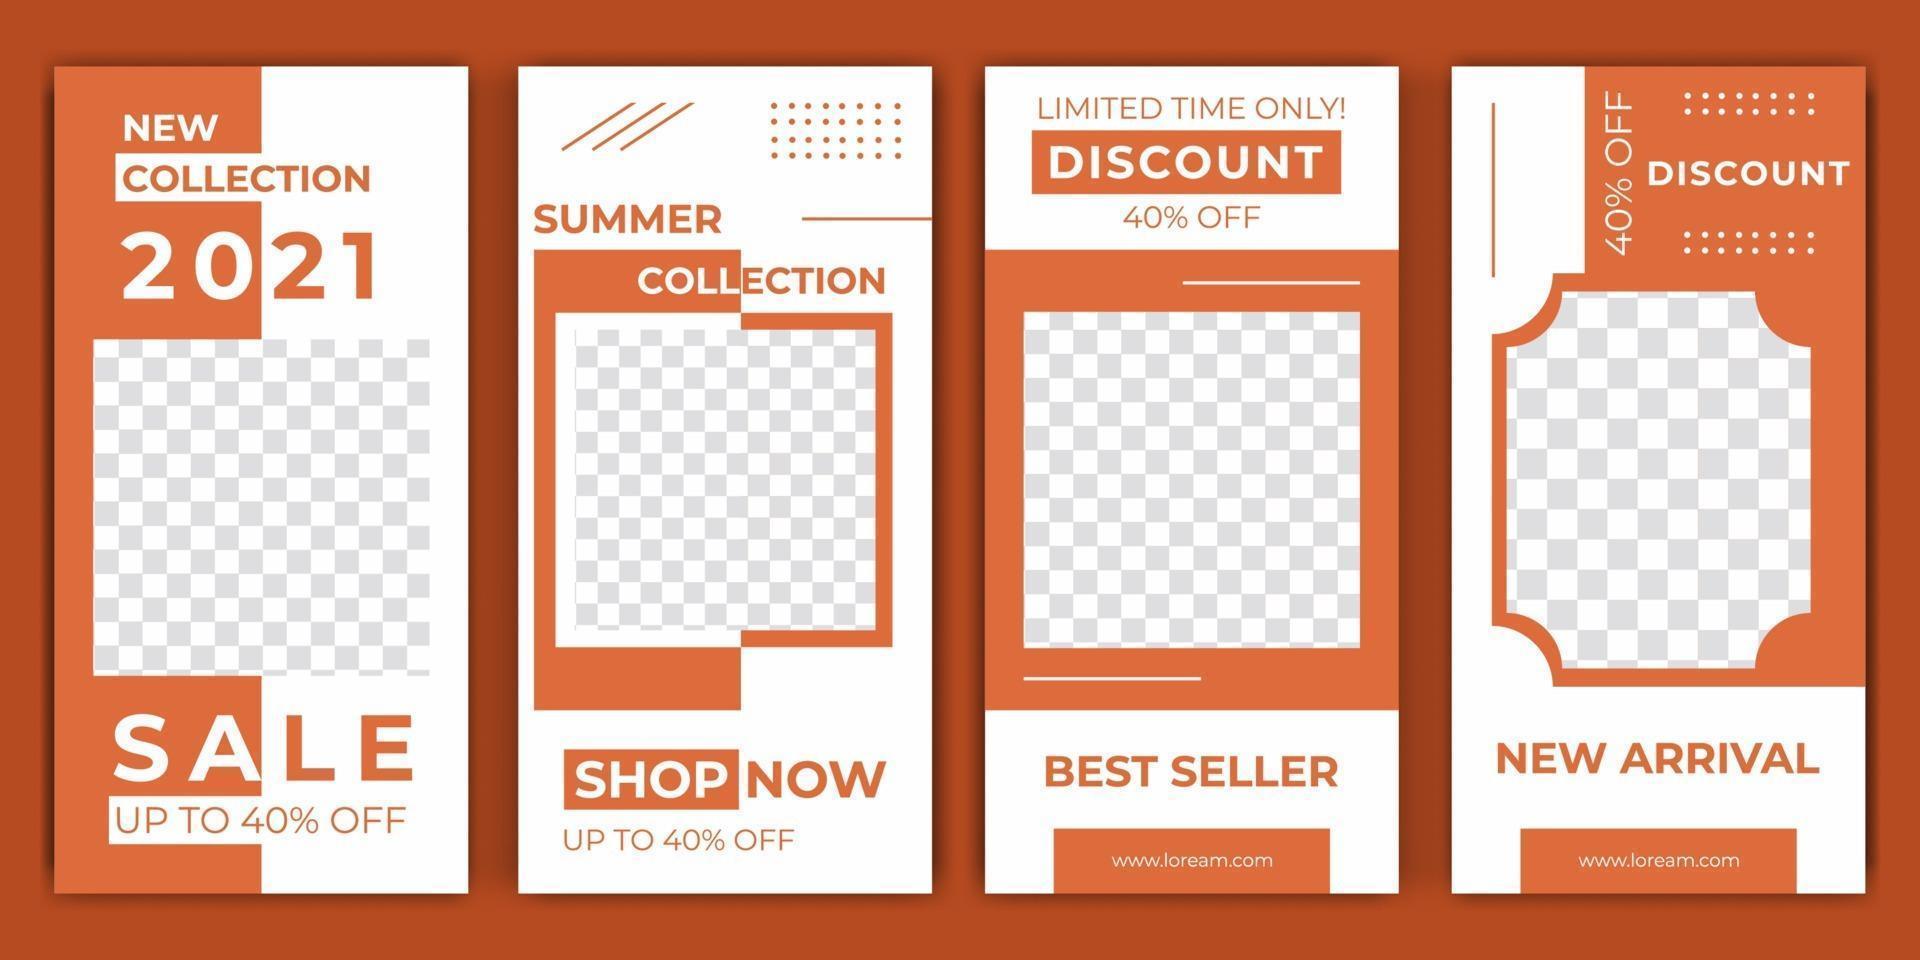 modelos de histórias editáveis na moda com laranja clara, ilustração vetorial. layout de história de postagem de mídia social. desenhe fundos para histórias de mídia social para descontos de venda e promoção de produtos. vetor